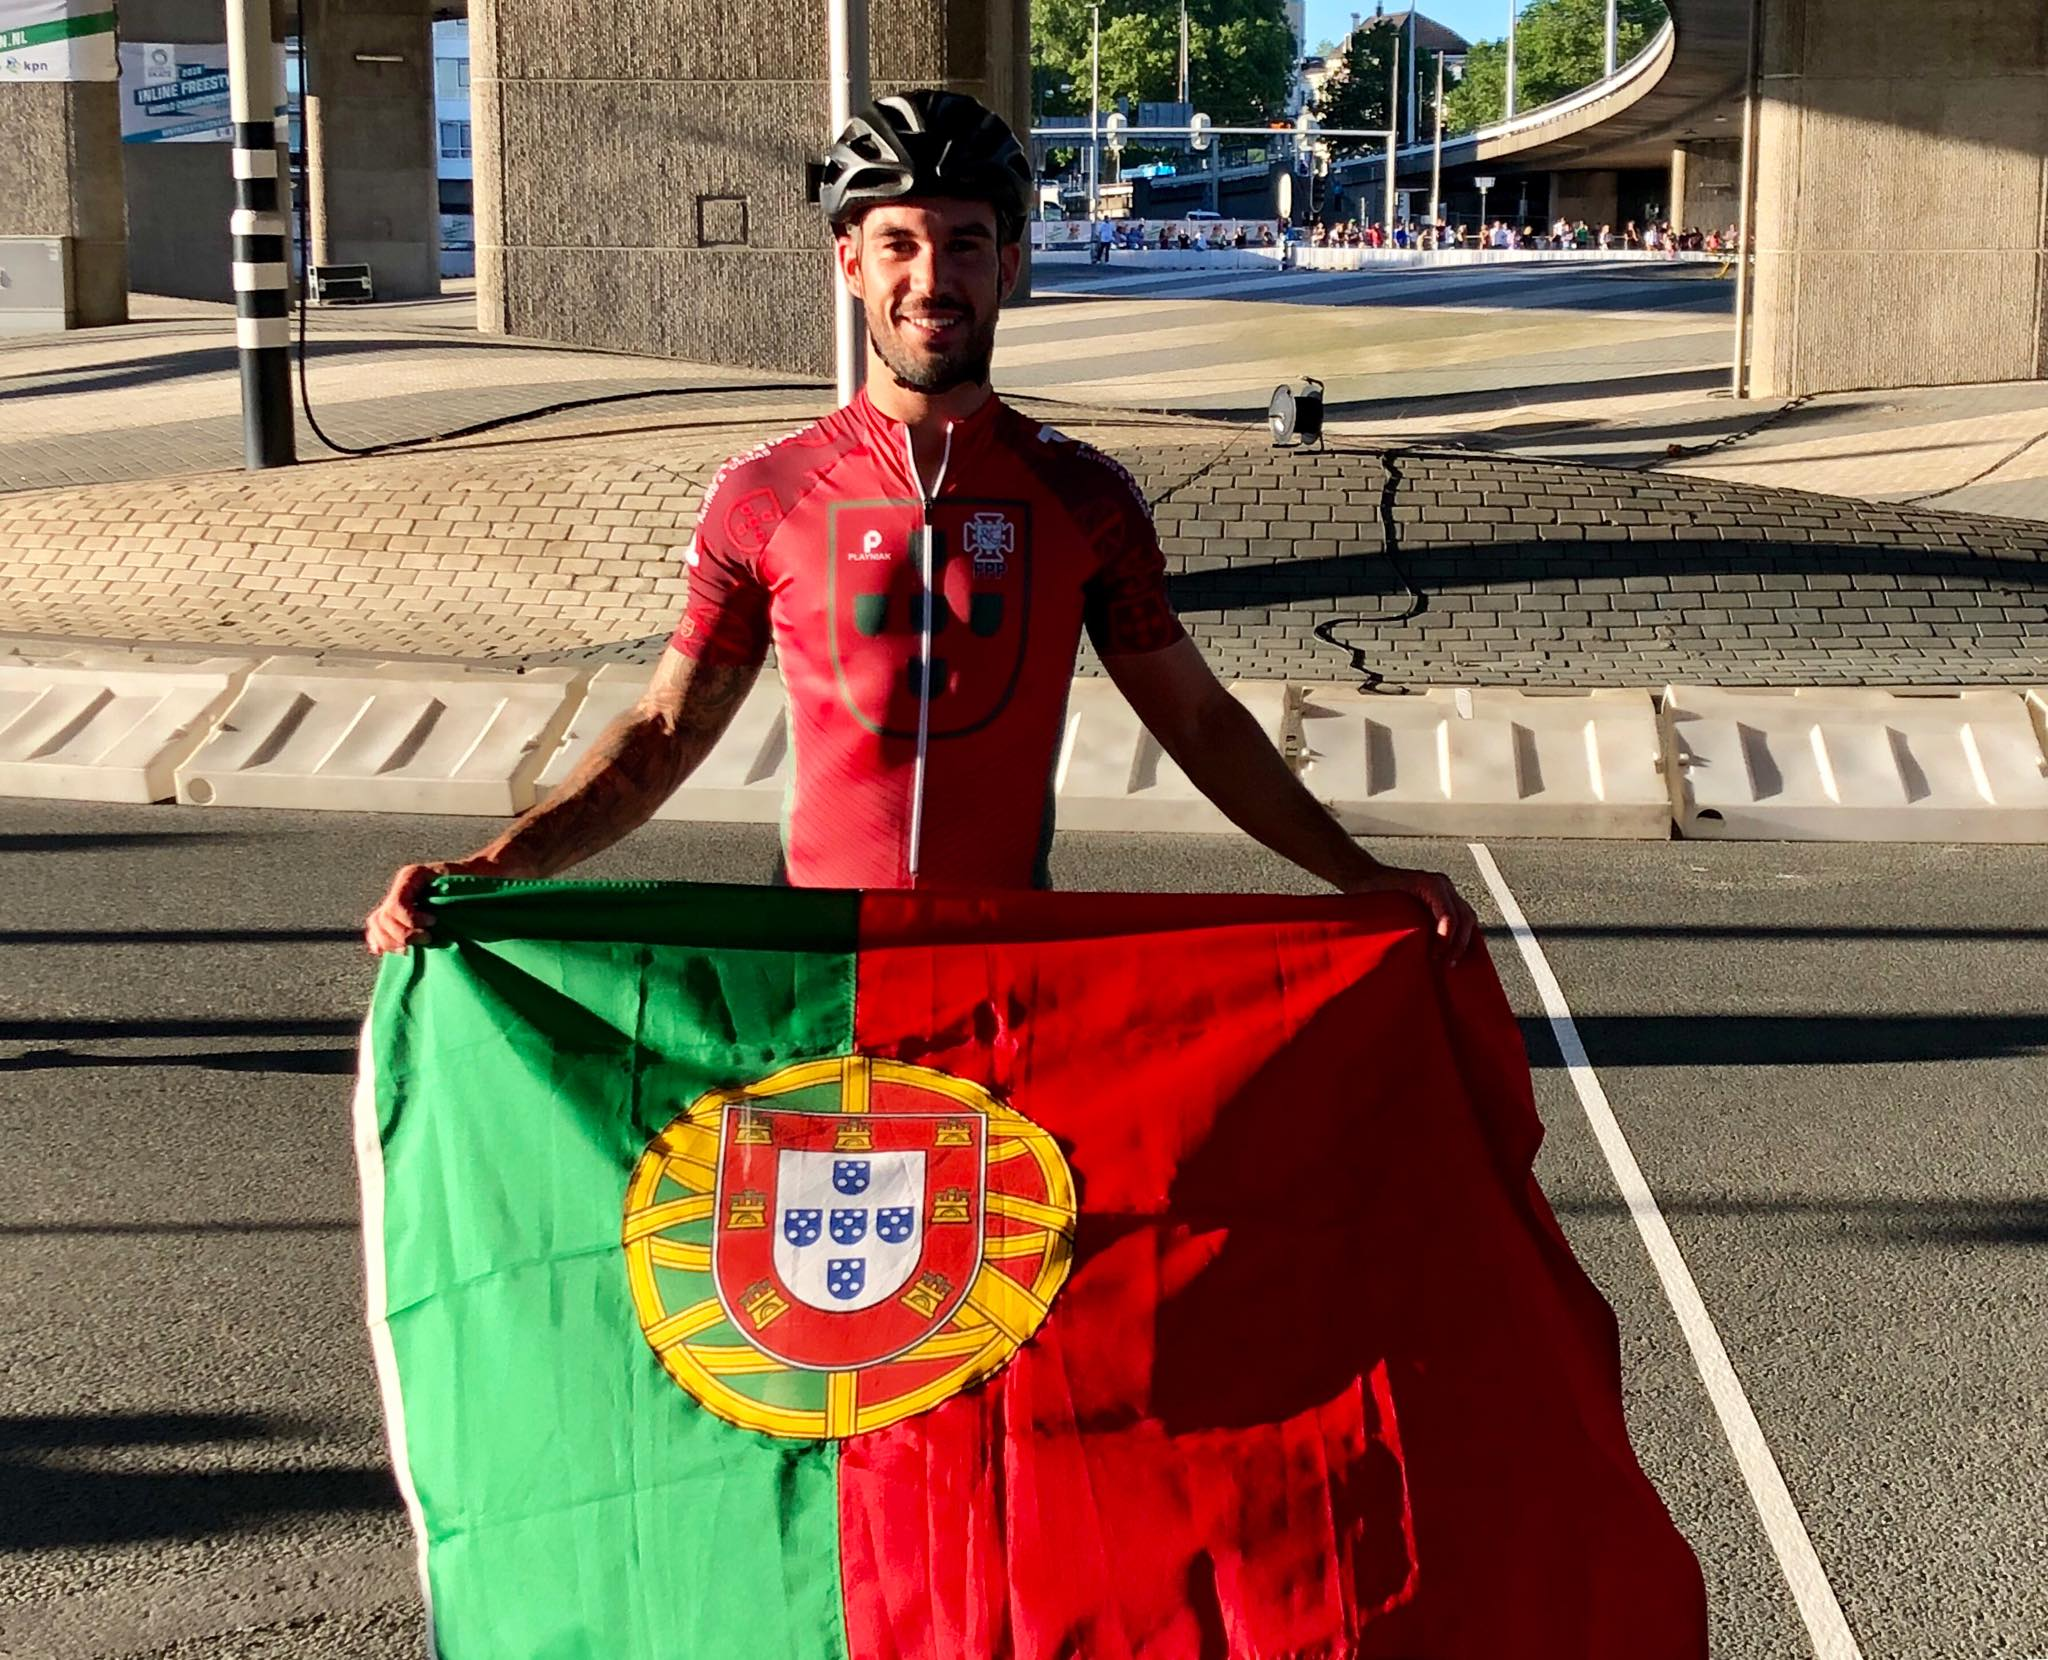 Diogo Caiu e Ficou Fora do Mundial Diogo 10km P